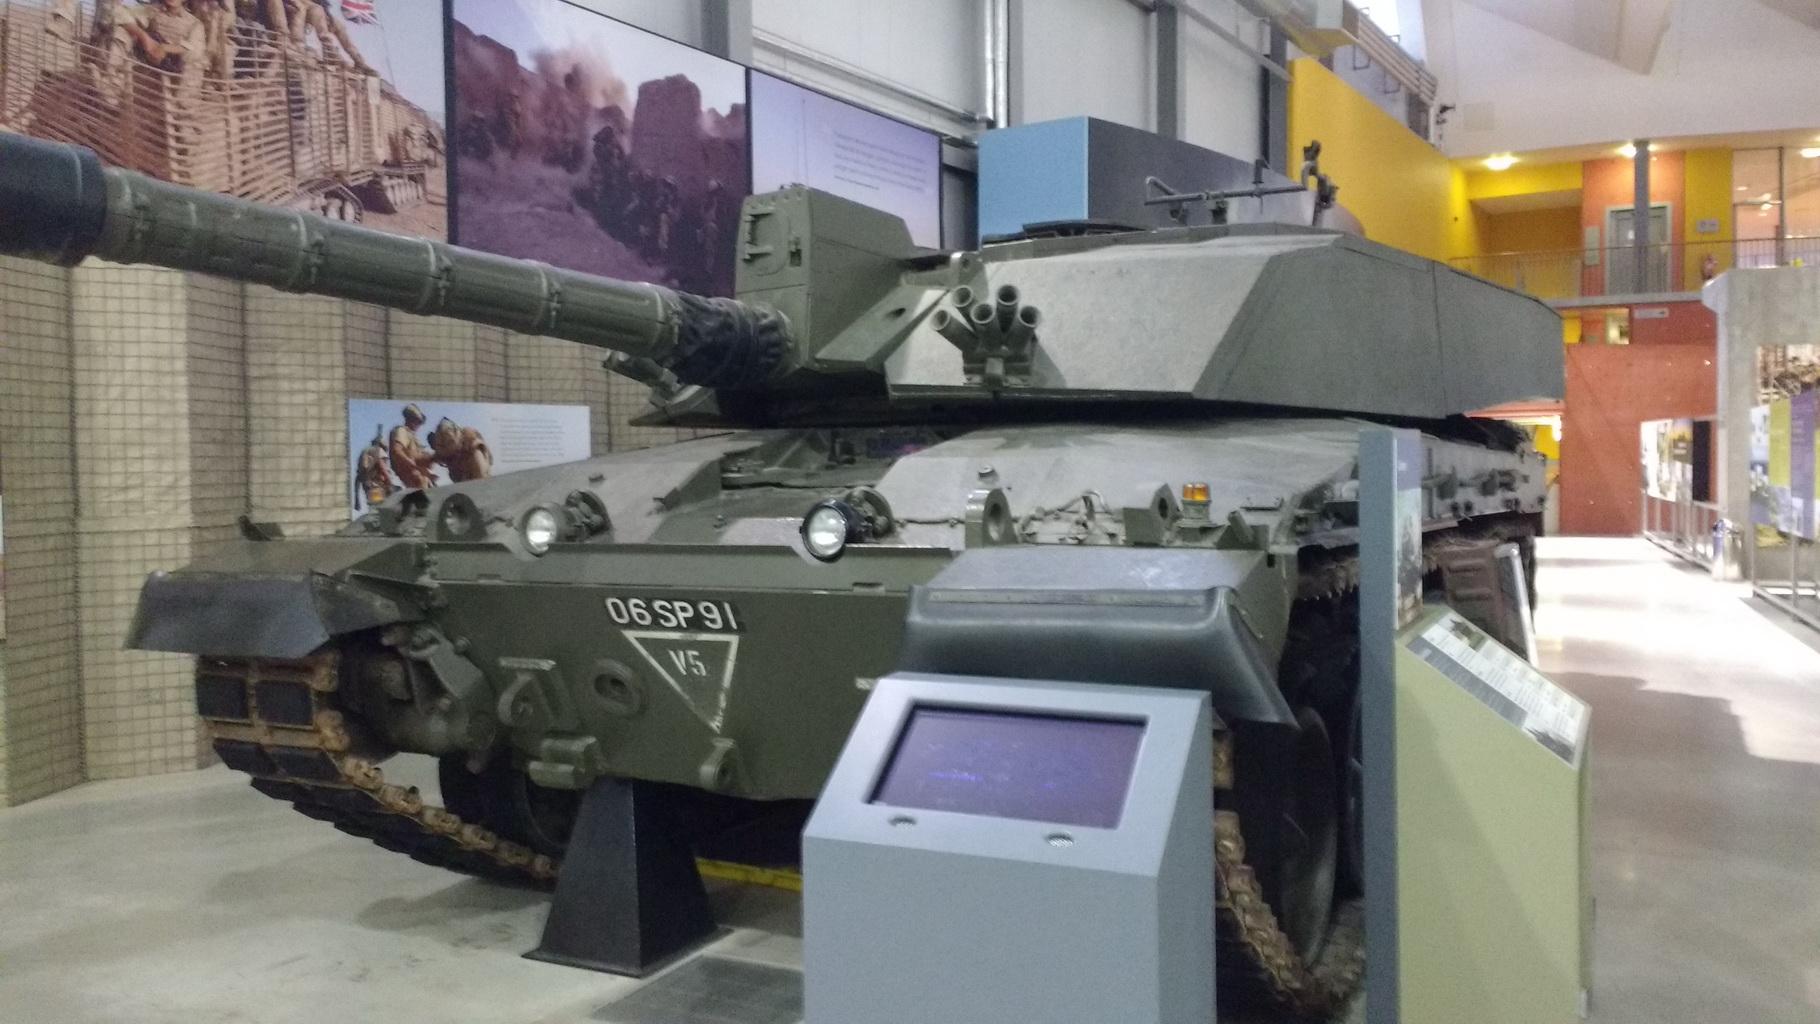 Tank_Museum_20151027_161.jpg